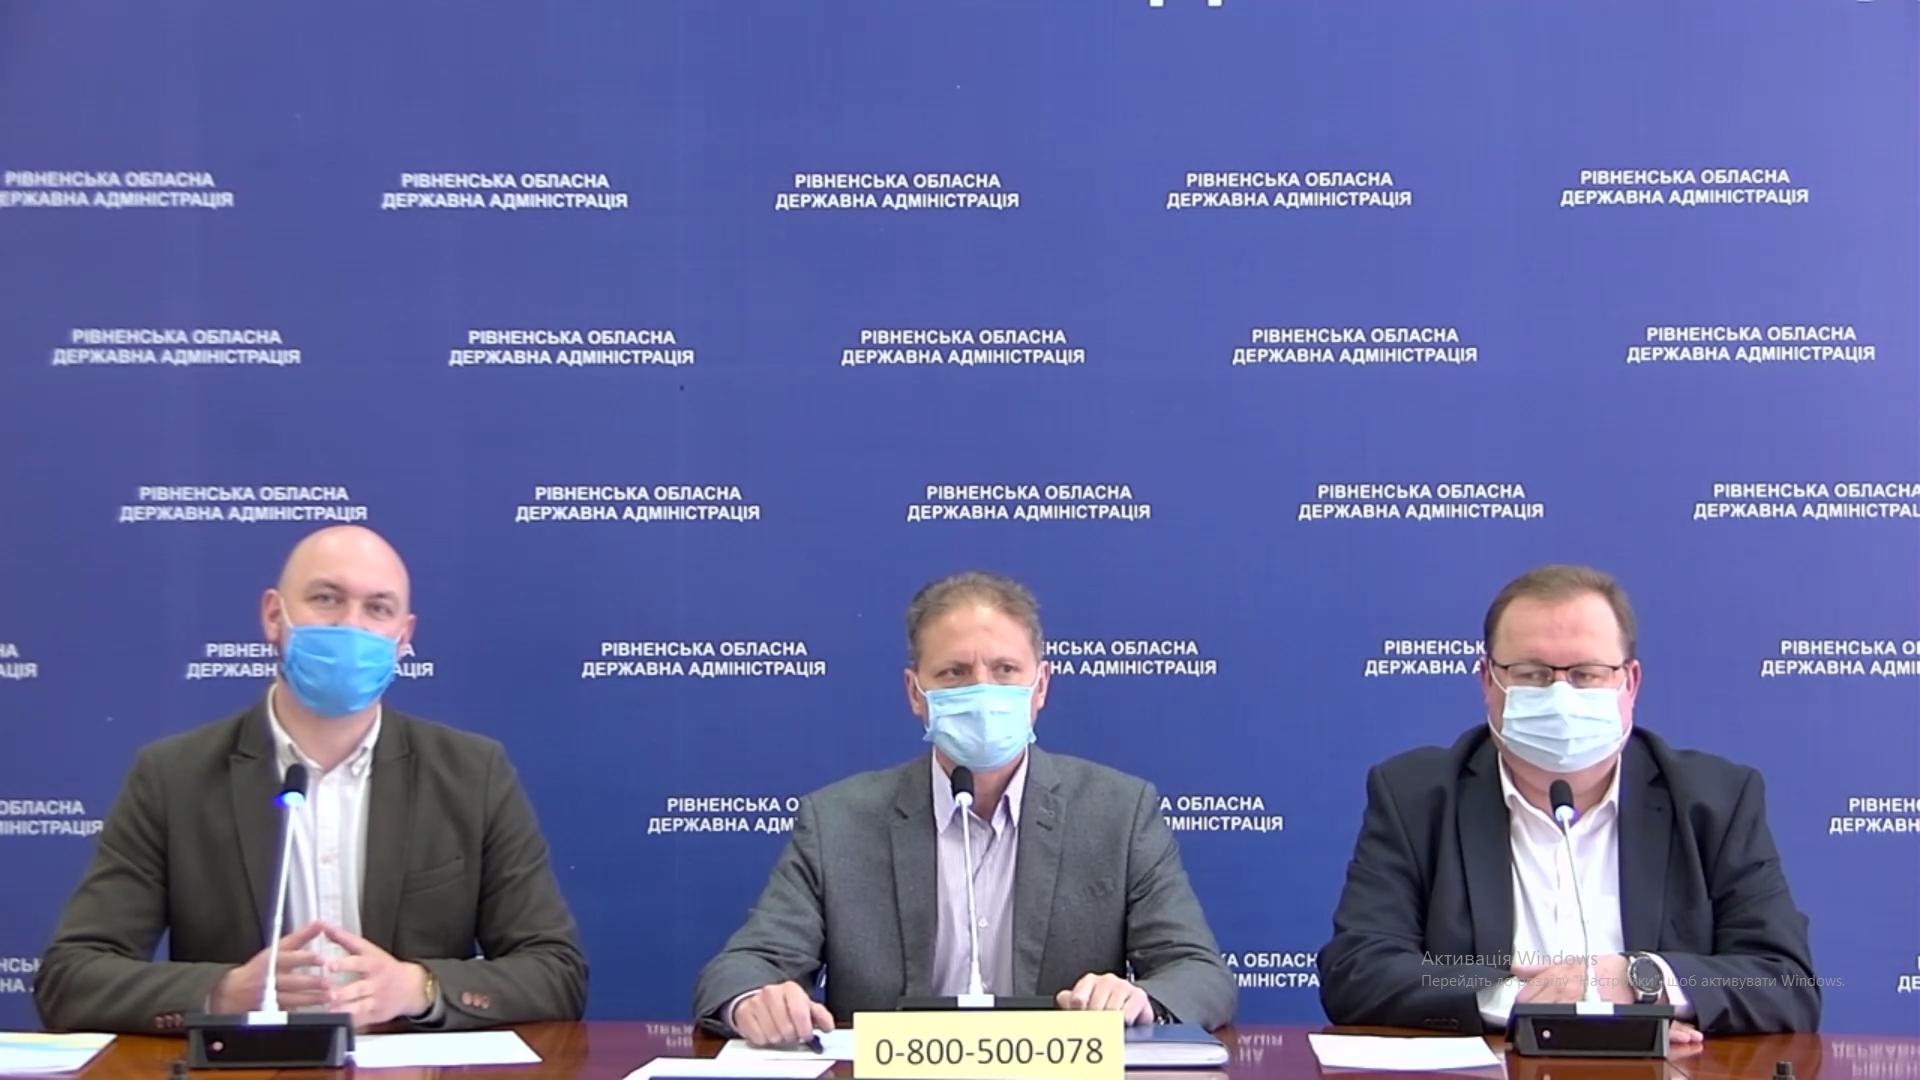 Брифінг щодо стану захворюваності на коронавірус на Рівненщині. ВІДЕО